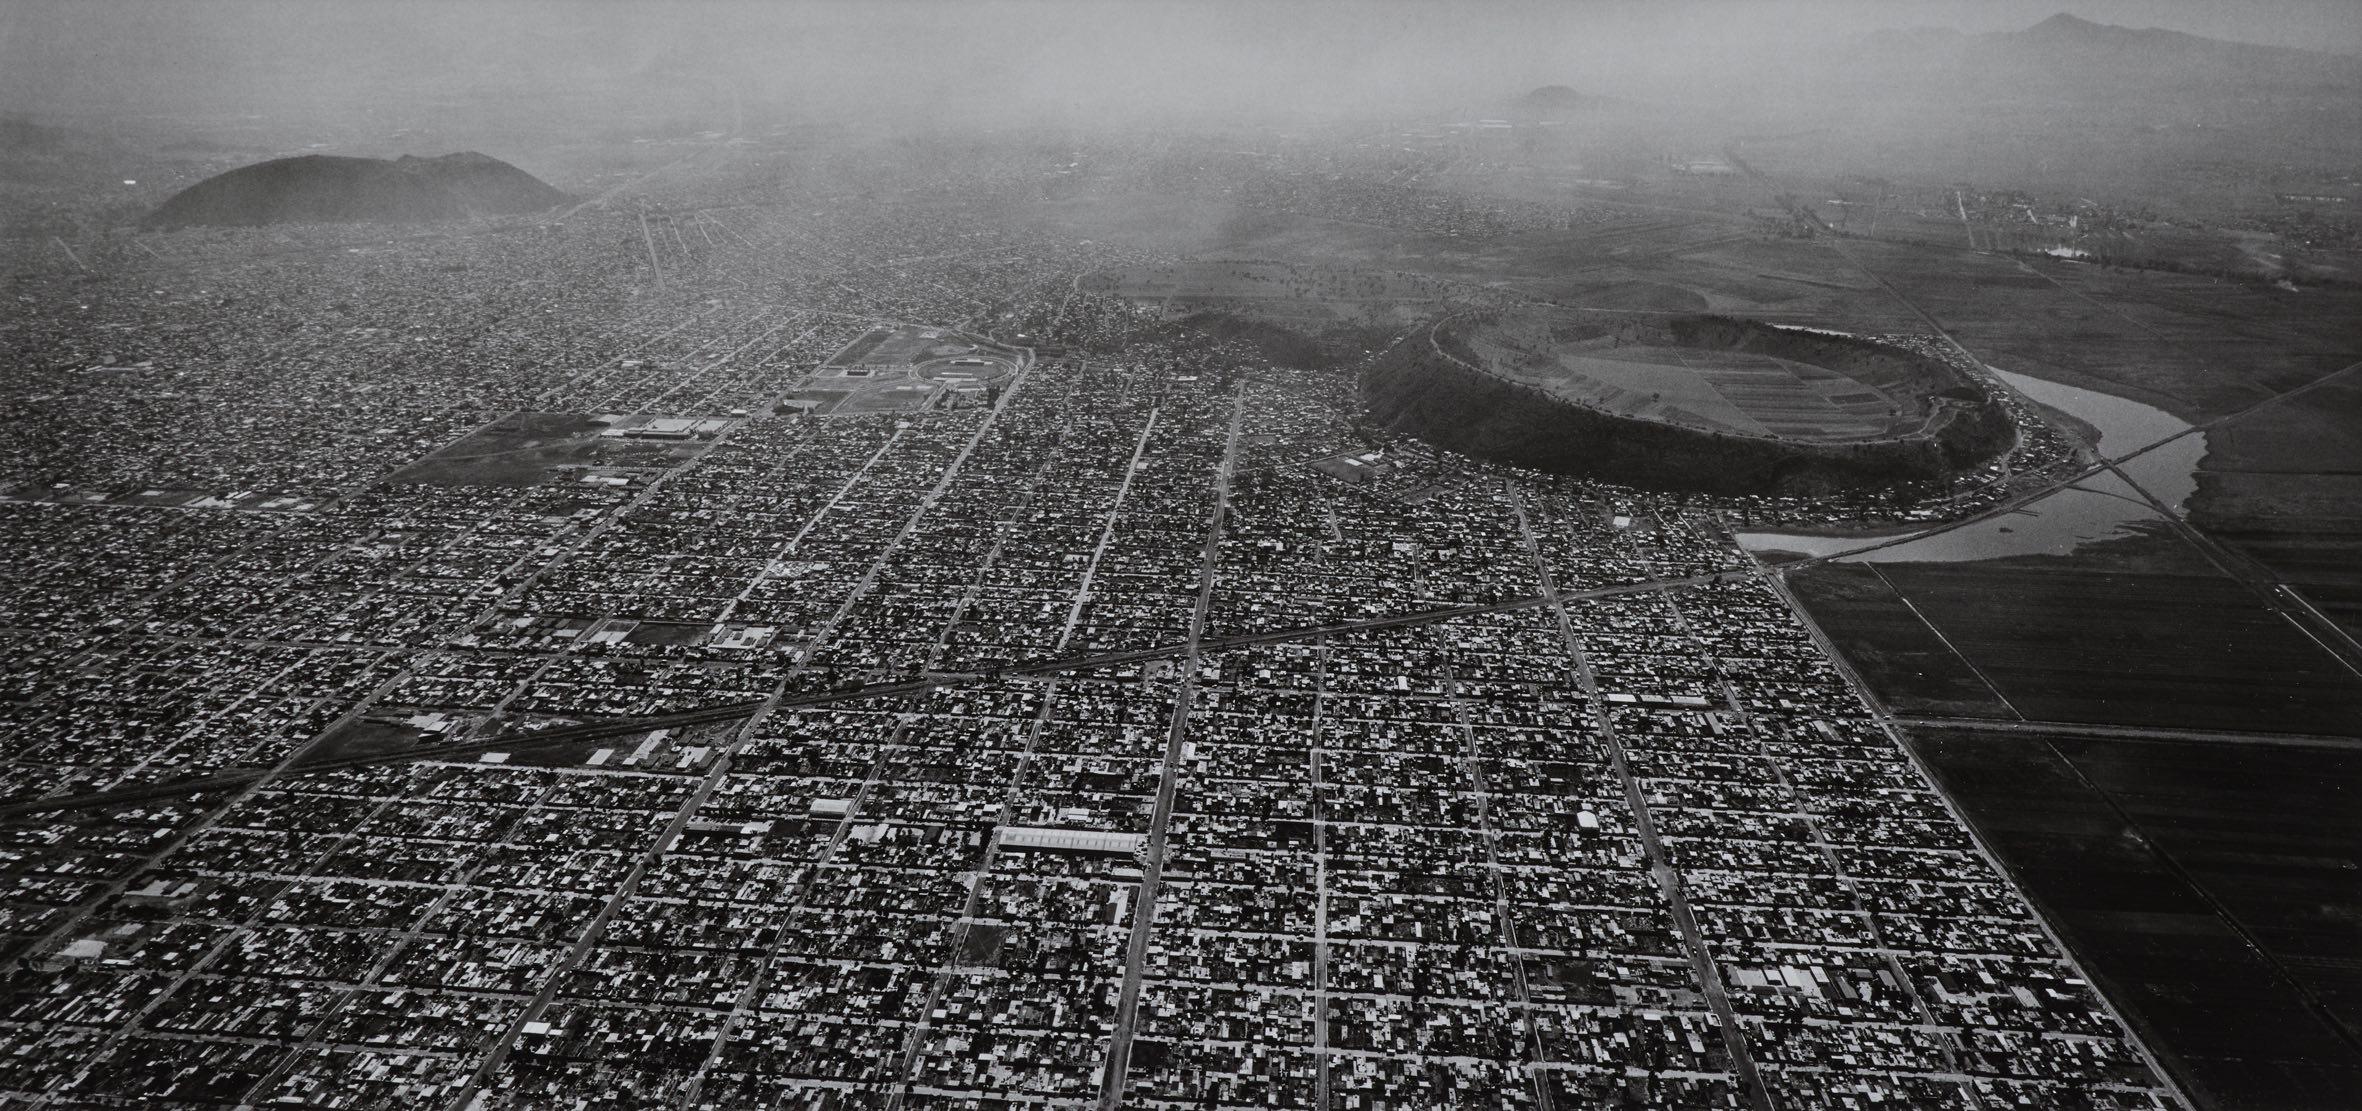 """Mexico City (Vulkan), 1999 © Estate Balthasar Burkhard, 2017 / Weiterer Text über ots und www.presseportal.de/nr/104480 / Die Verwendung dieses Bildes ist für redaktionelle Zwecke honorarfrei. Veröffentlichung bitte unter Quellenangabe: """"obs/Museum Folkwang/© Estate Balthasar Burkhard"""", LAC Lugano, Lugano, MASI, MASIL, MASI Lugano,"""